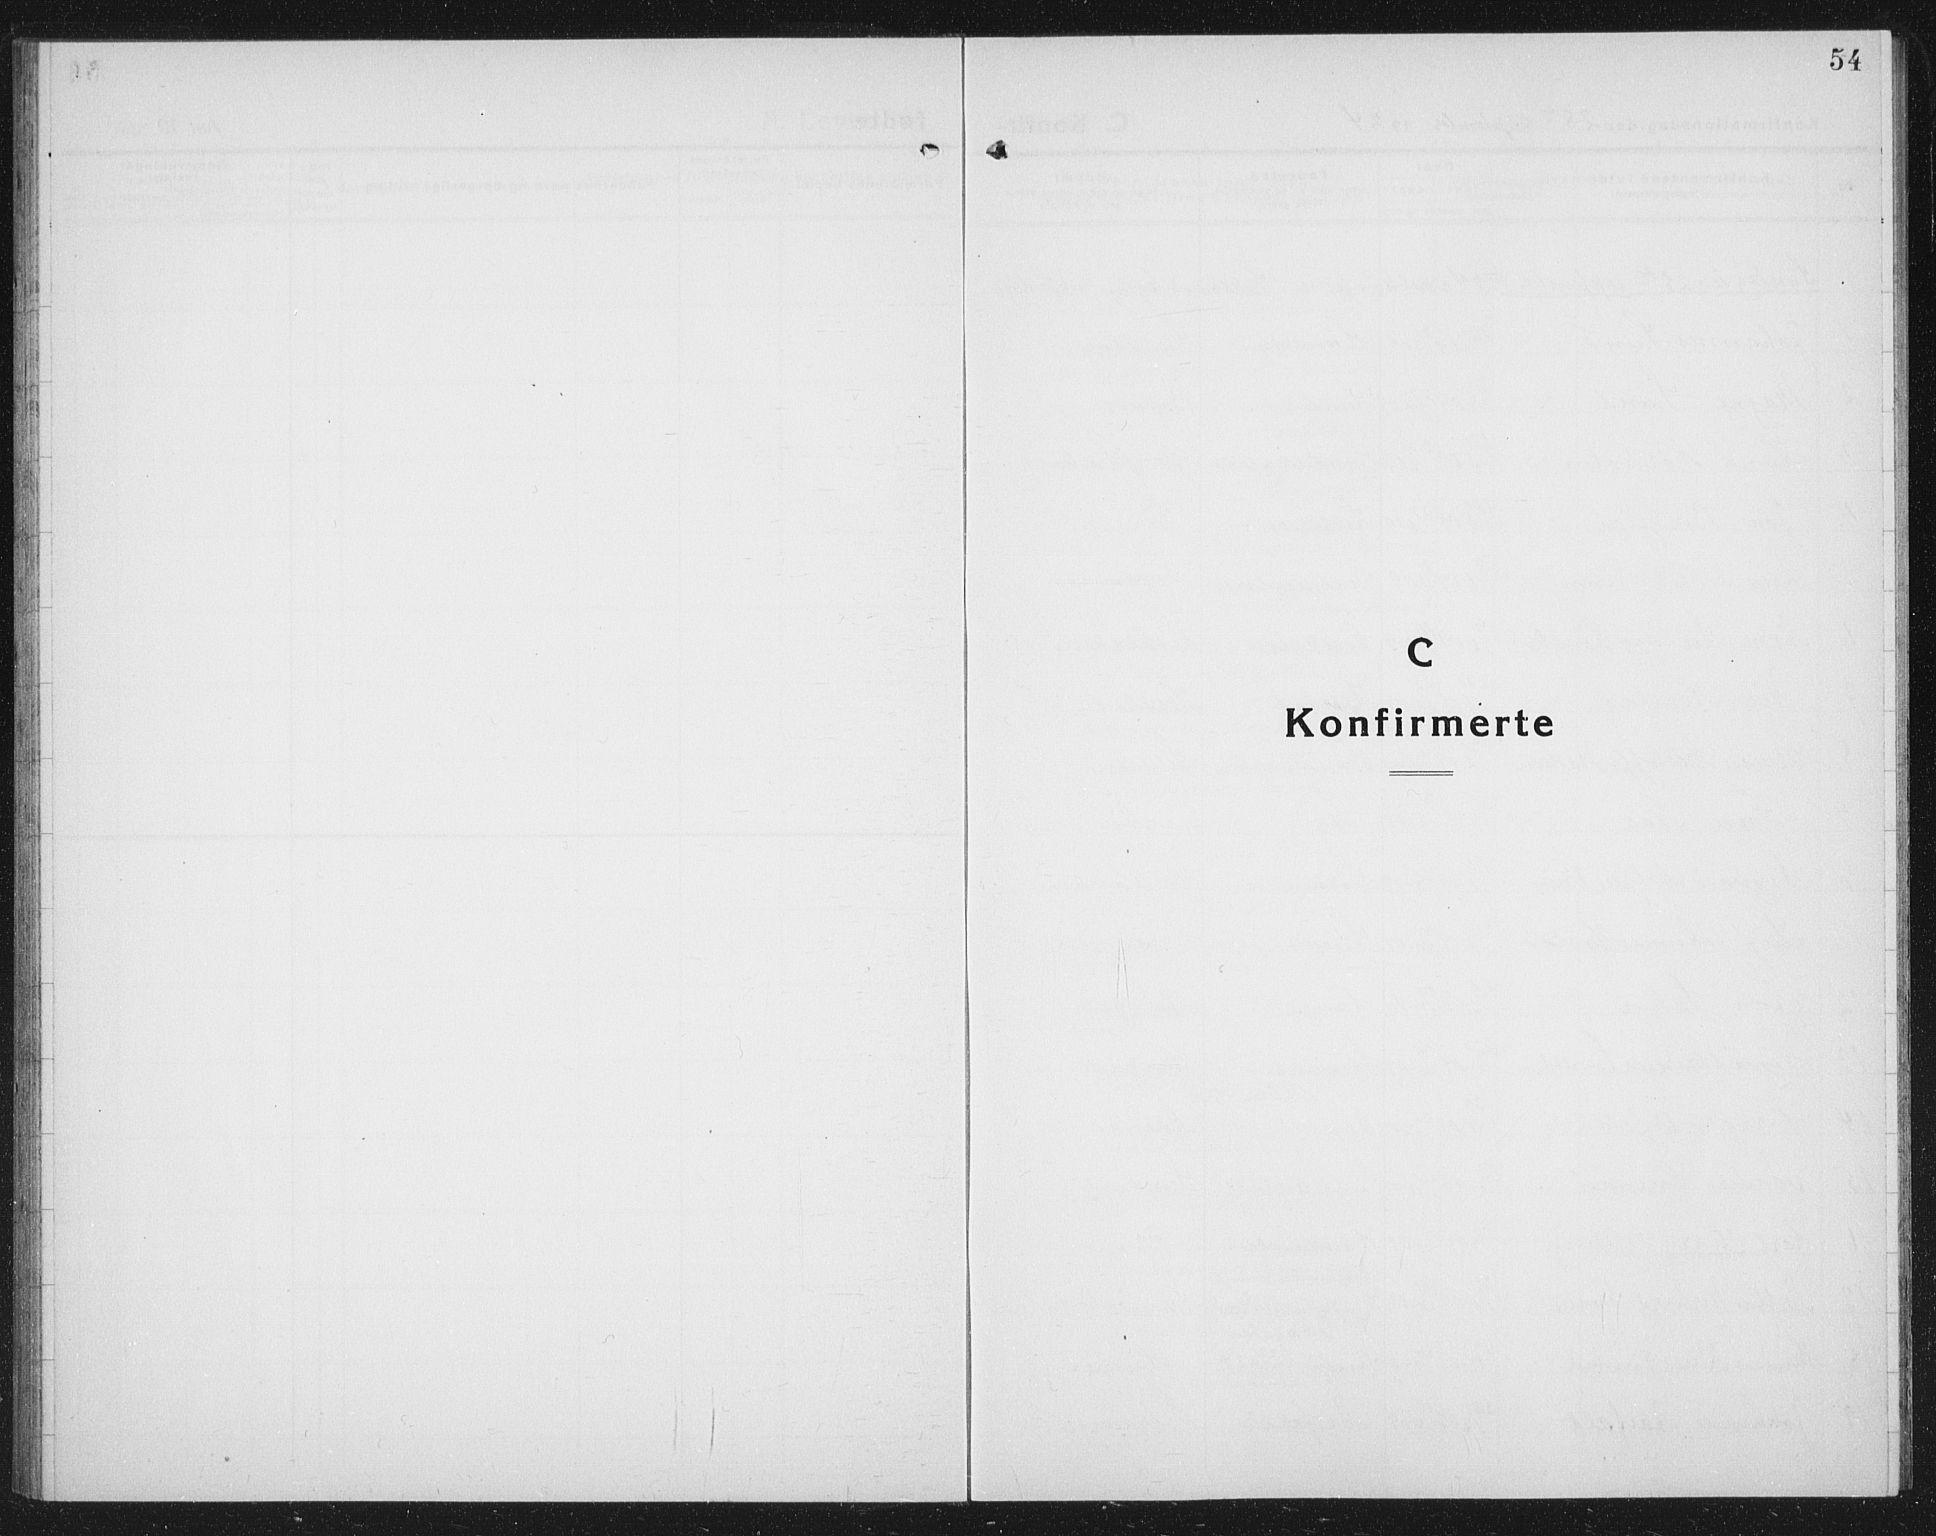 SAT, Ministerialprotokoller, klokkerbøker og fødselsregistre - Nord-Trøndelag, 730/L0303: Parish register (copy) no. 730C06, 1924-1933, p. 54